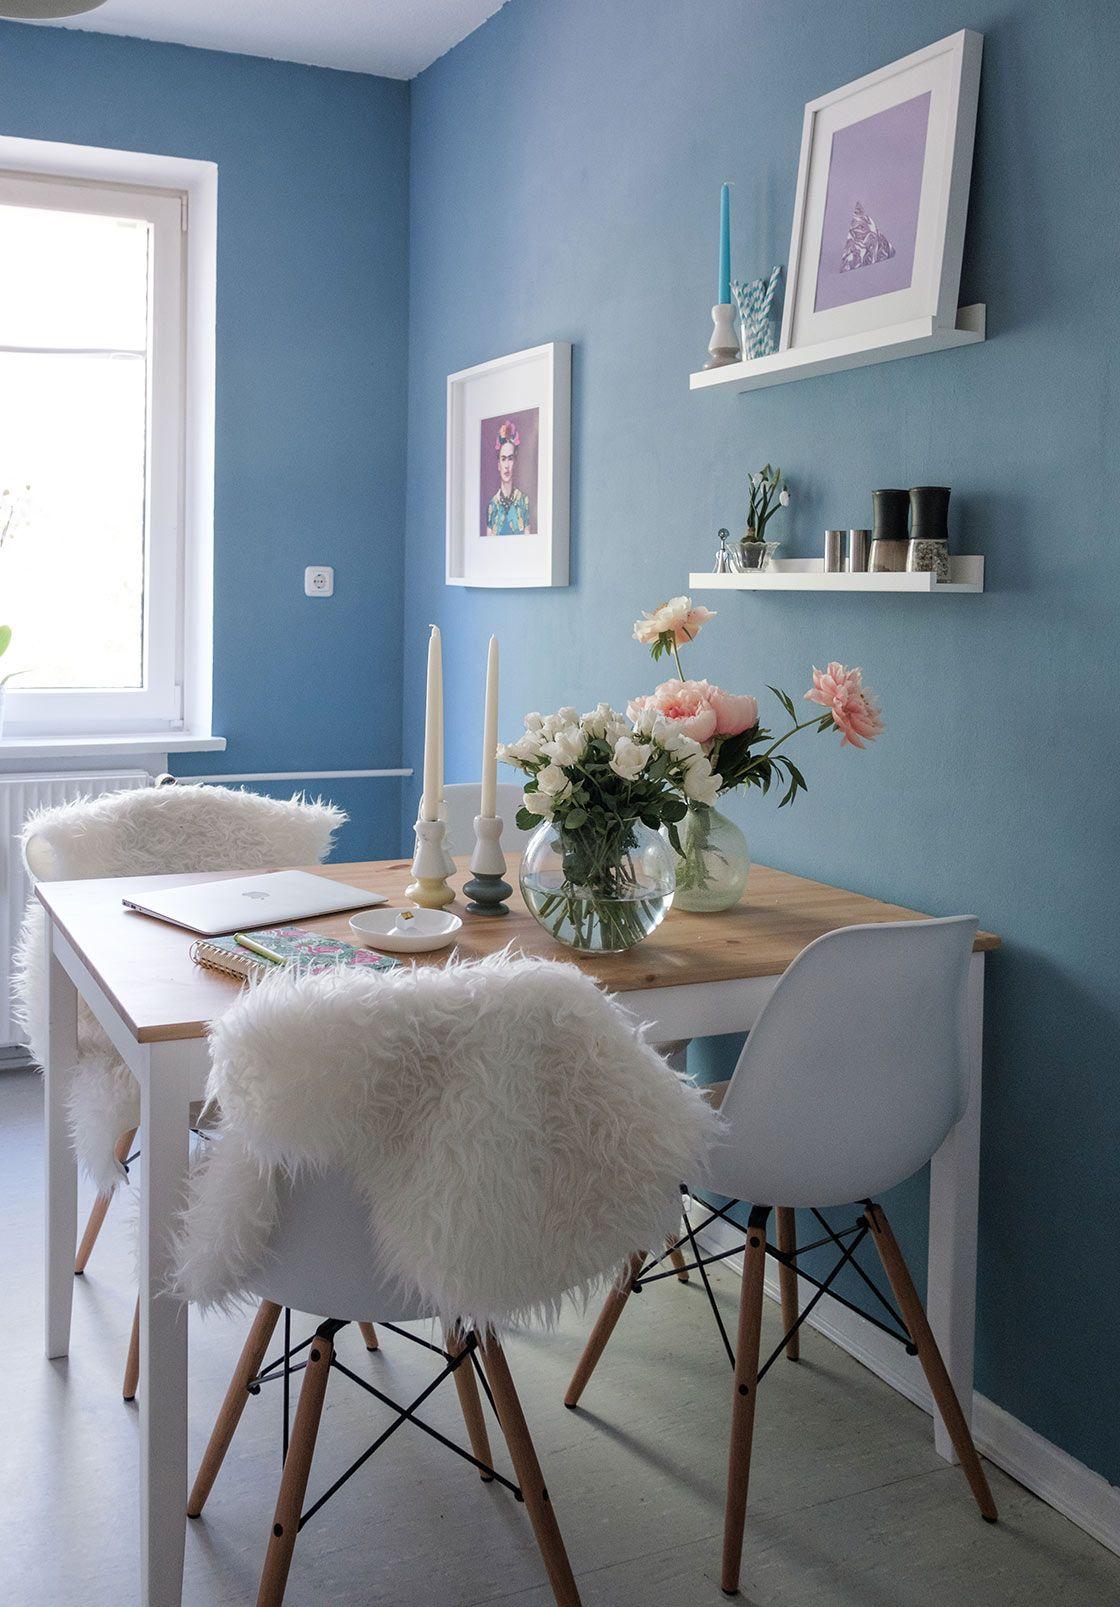 Schöner Wohnen Wandfarbe - WOHNKLAMOTTE #schönerwohnen